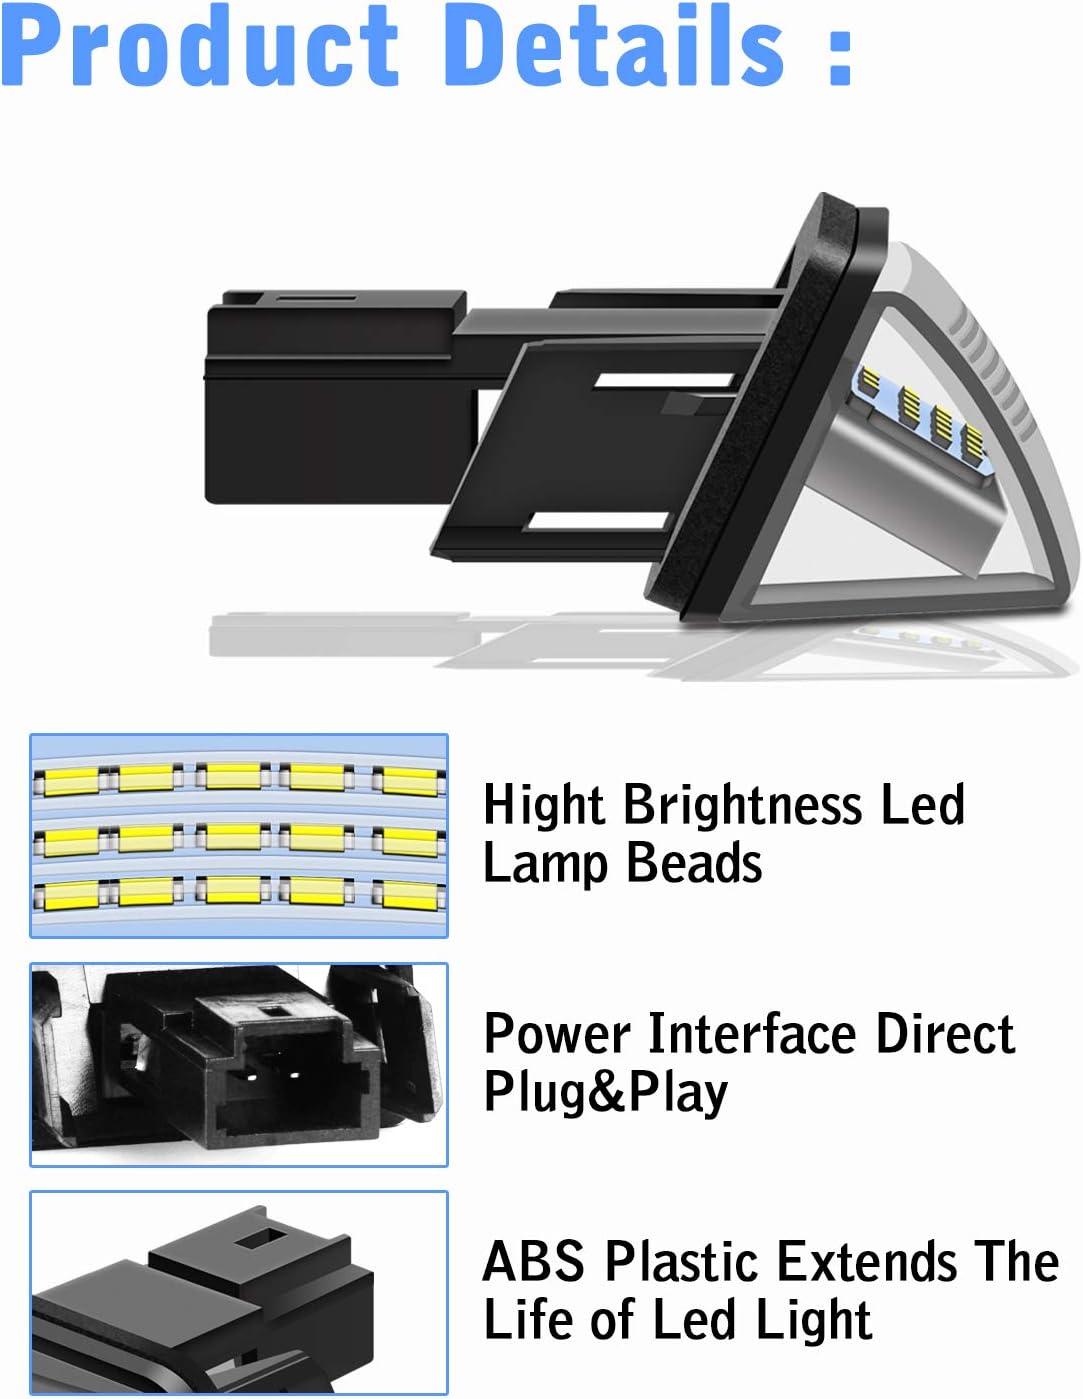 TECTICO LED Kennzeichenbeleuchtung 6000K Xenon Wei/ß mit E Pr/üfzeichen 3528-SMD Canbus Fehlerfrei Ultra Heller Nummernschildleuchten f/ür Focus C-MAX MK2 2 St/ück